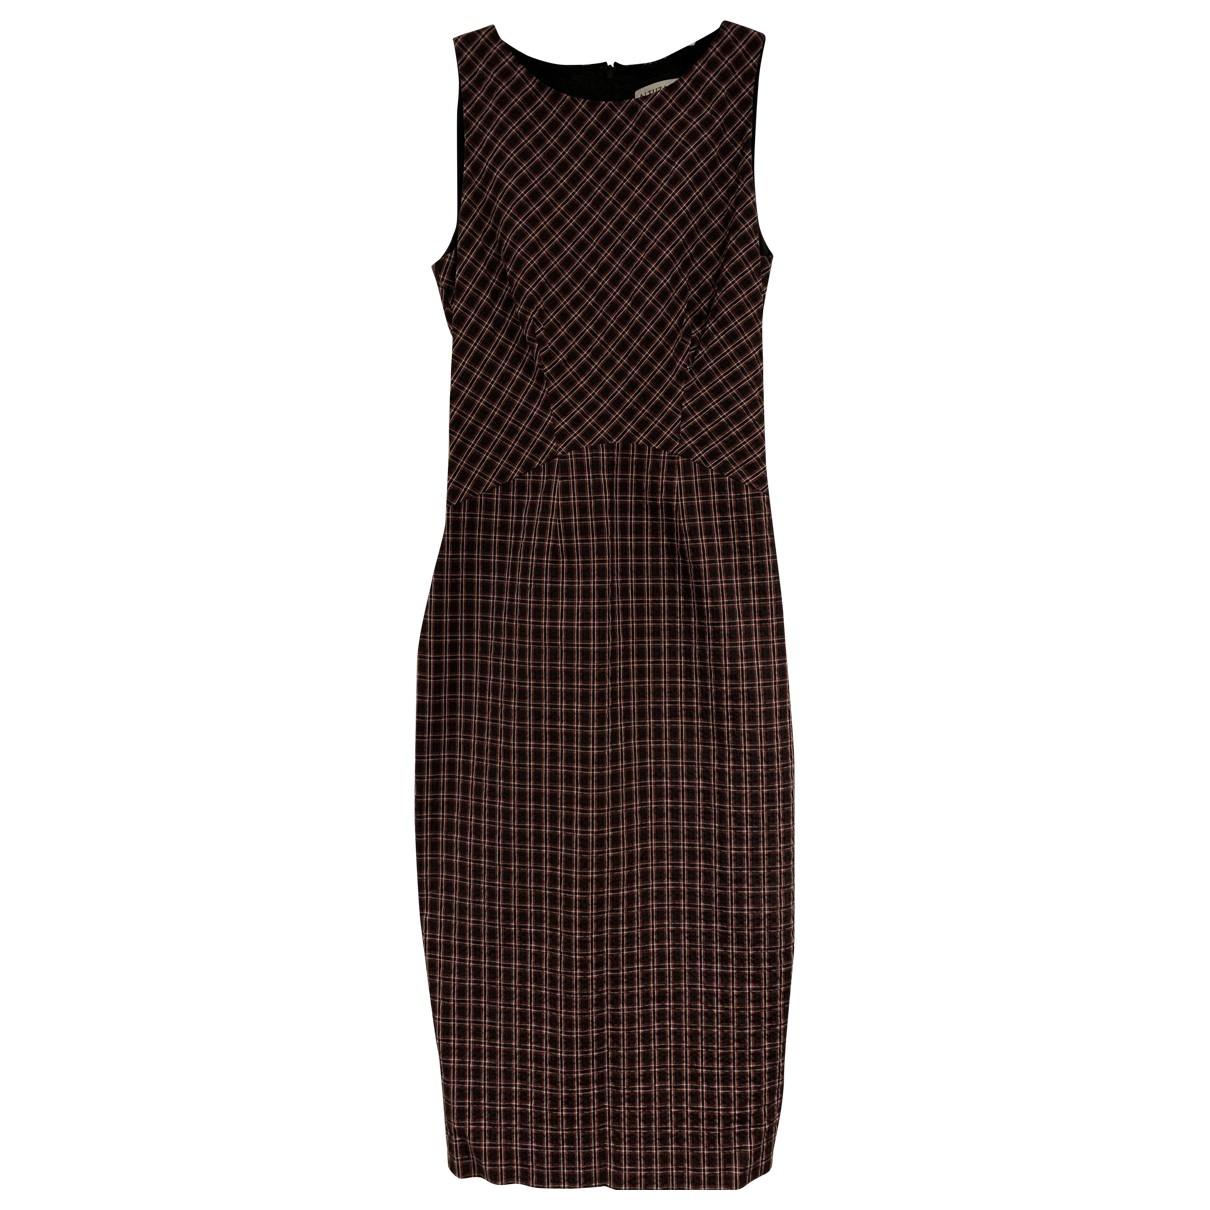 Altuzarra \N Kleid in  Bunt Baumwolle - Elasthan